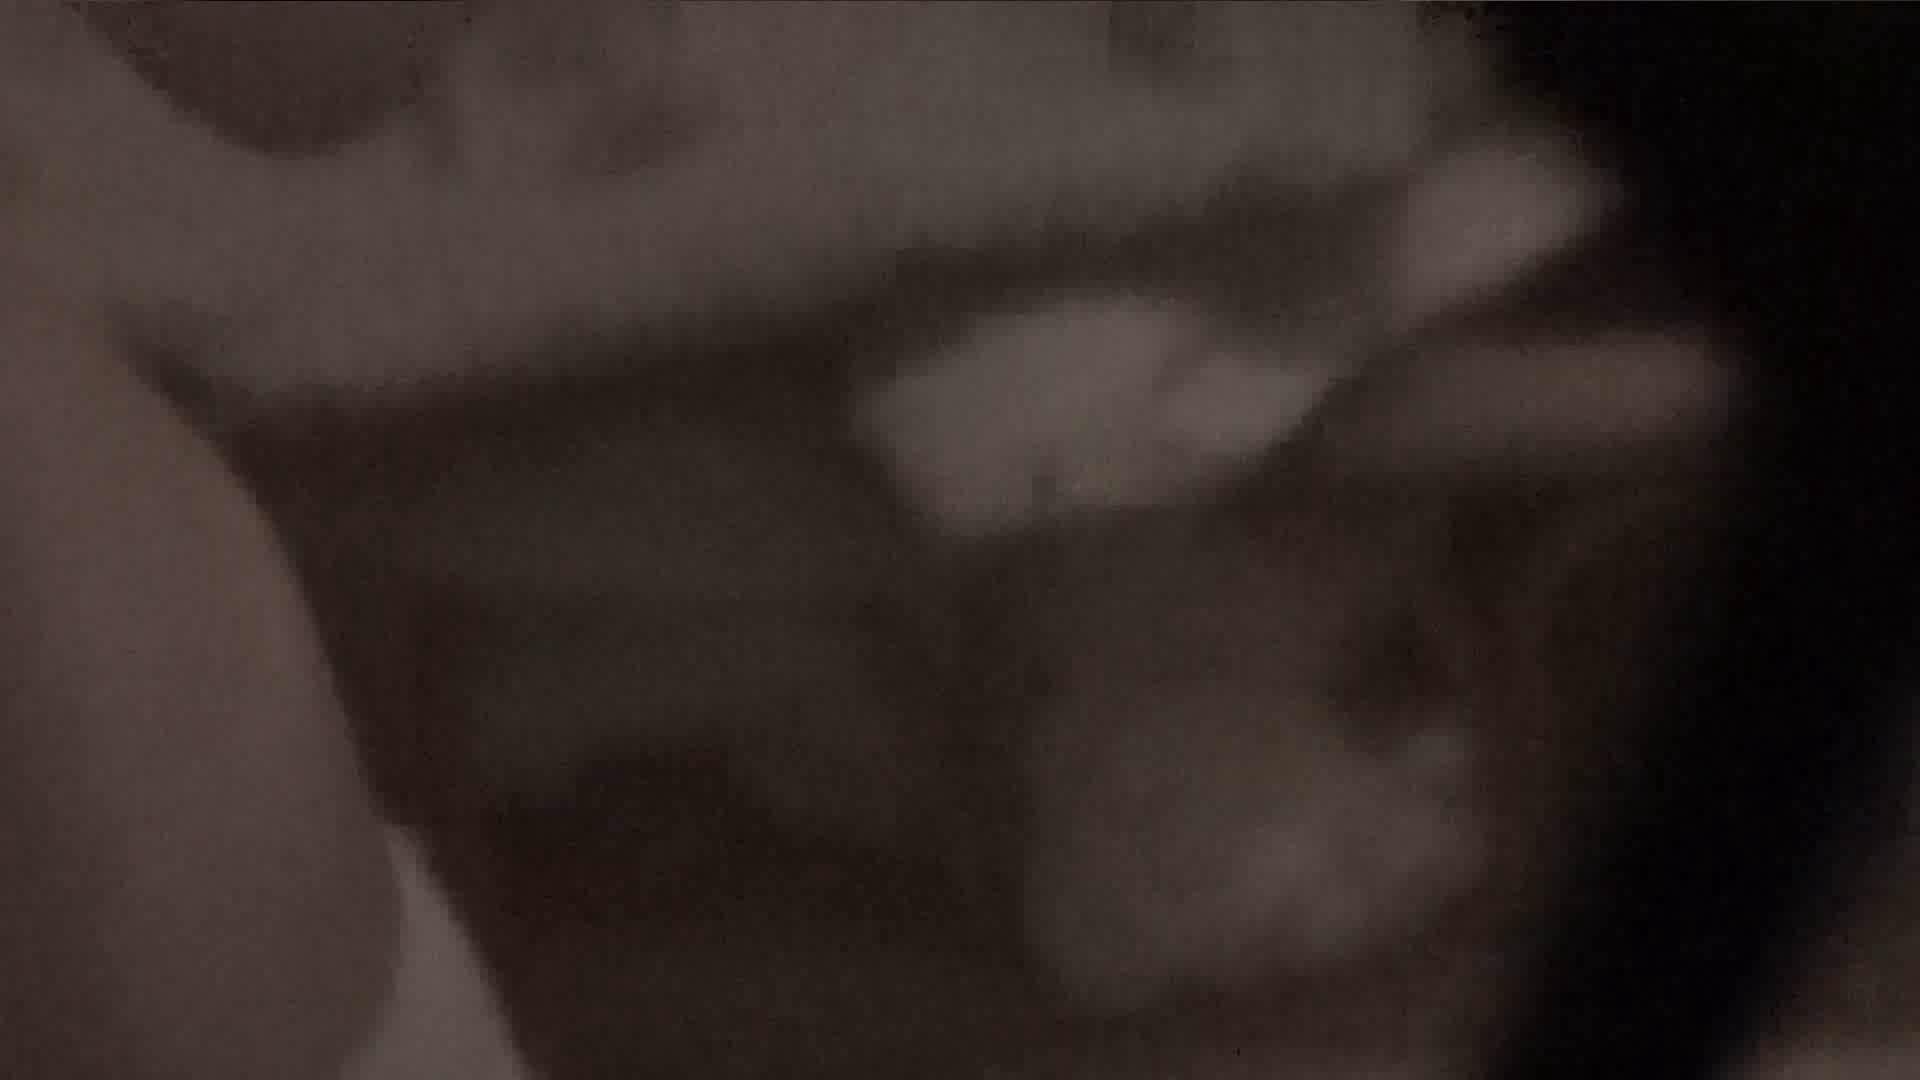 民家の騎士さんの最後の性戦ハイビジョン!!No.65 プライベート 盗撮動画紹介 89画像 71